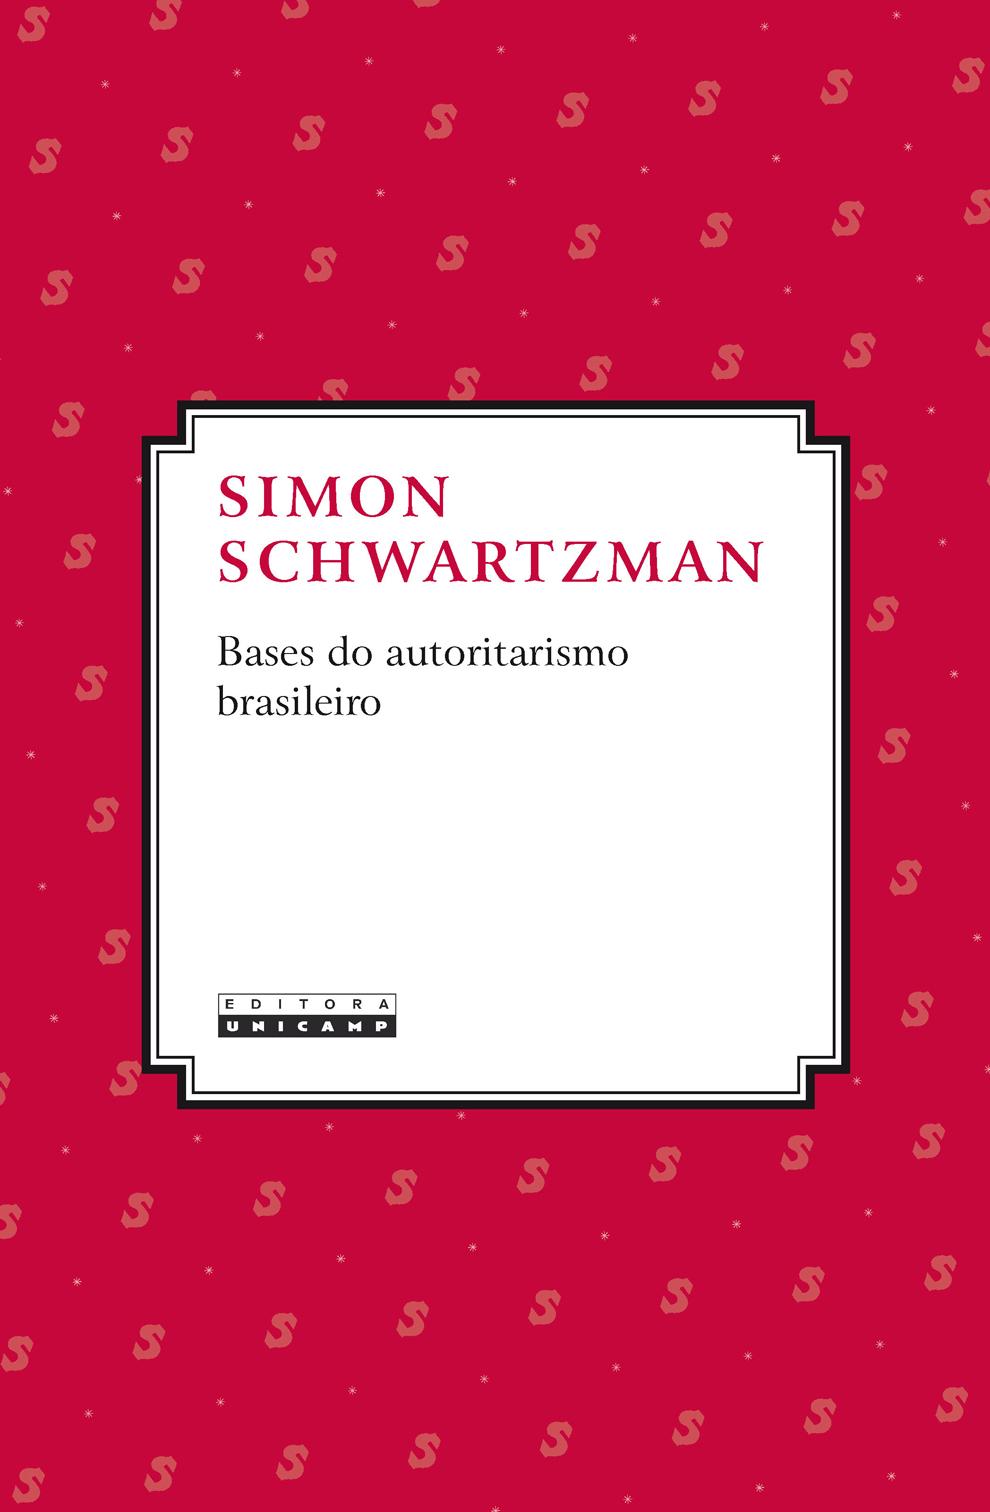 Bases do autoritarismo brasileiro, livro de Simon Schwartzman